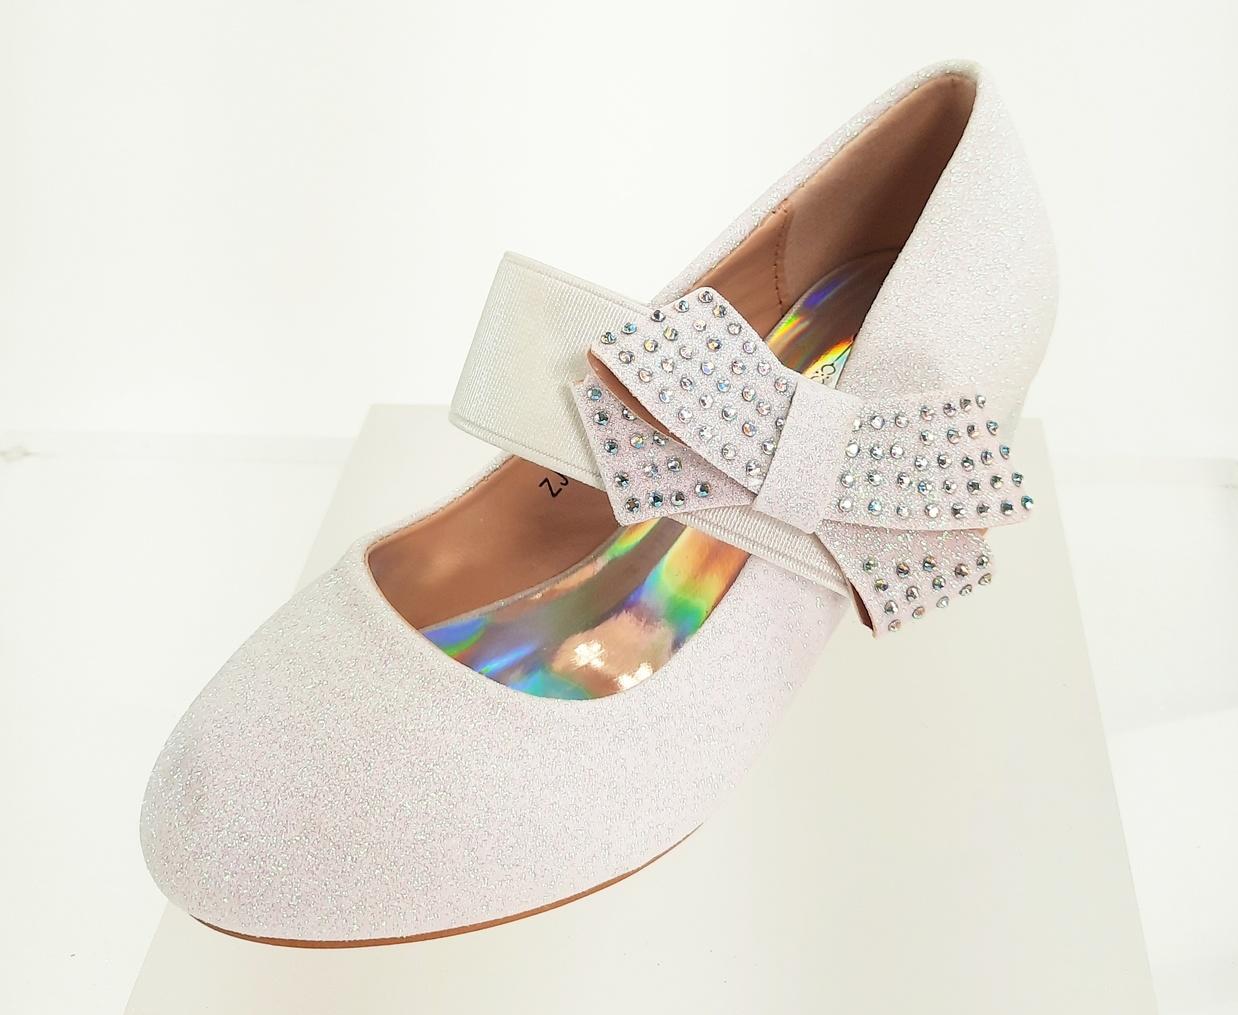 Meisjesschoenen Meisjesschoen - Spaanse schoentjes - glitter - strik - band - wit